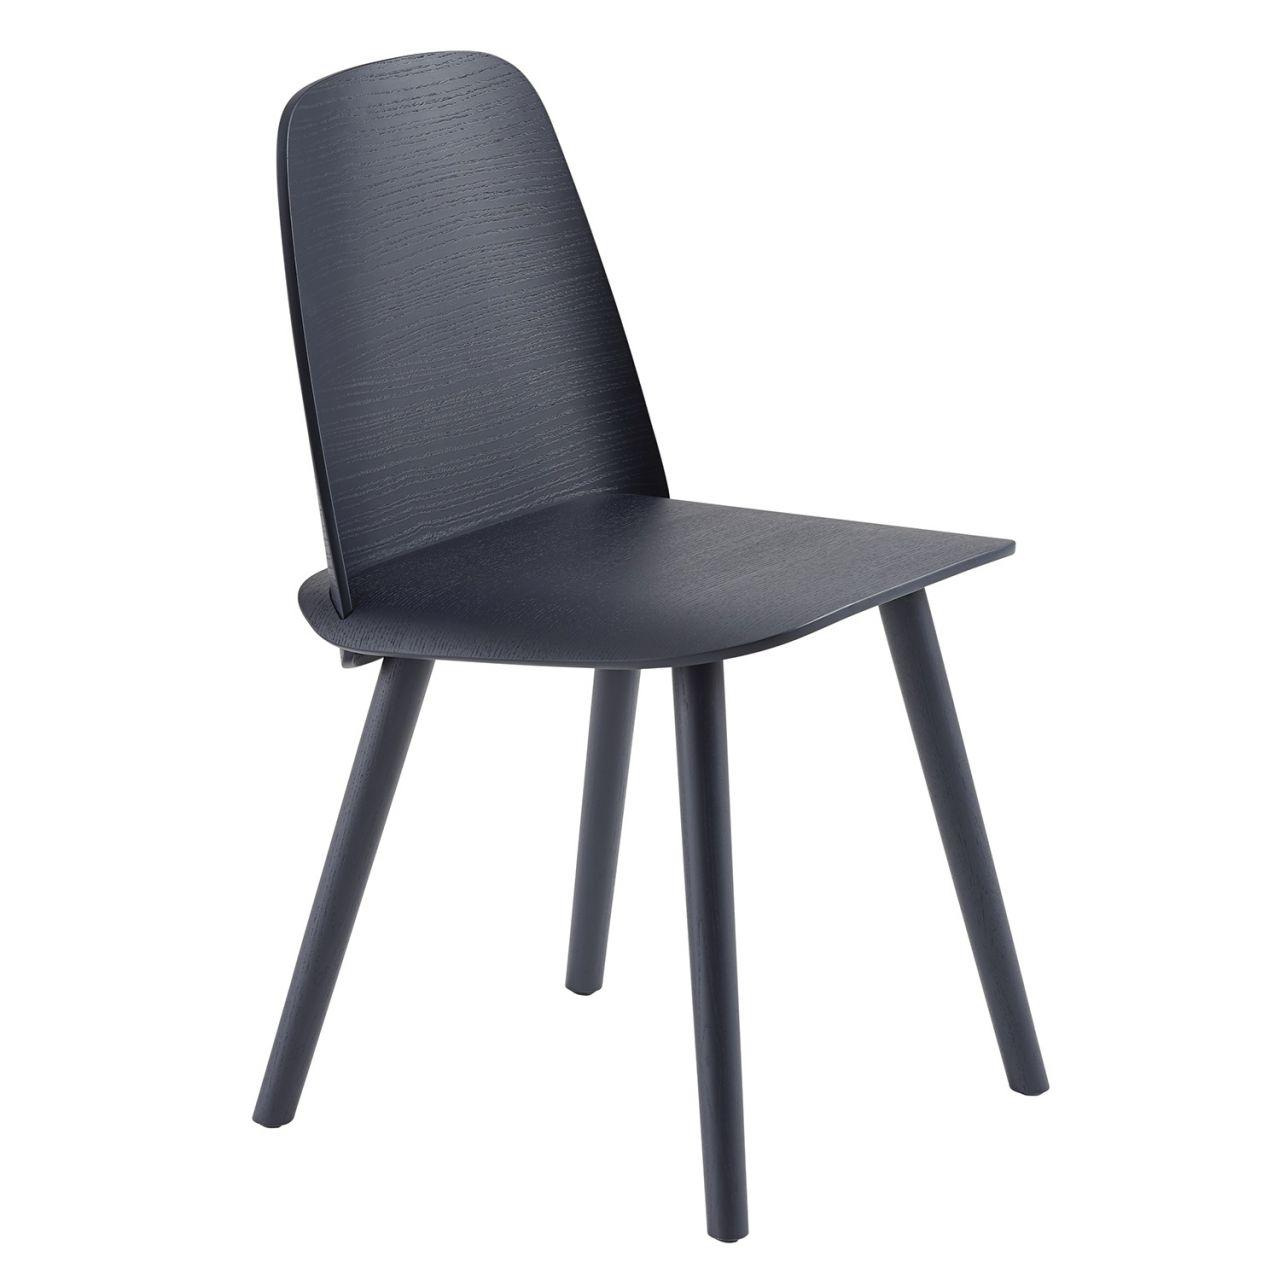 Muuto - Nerd Chair 32006